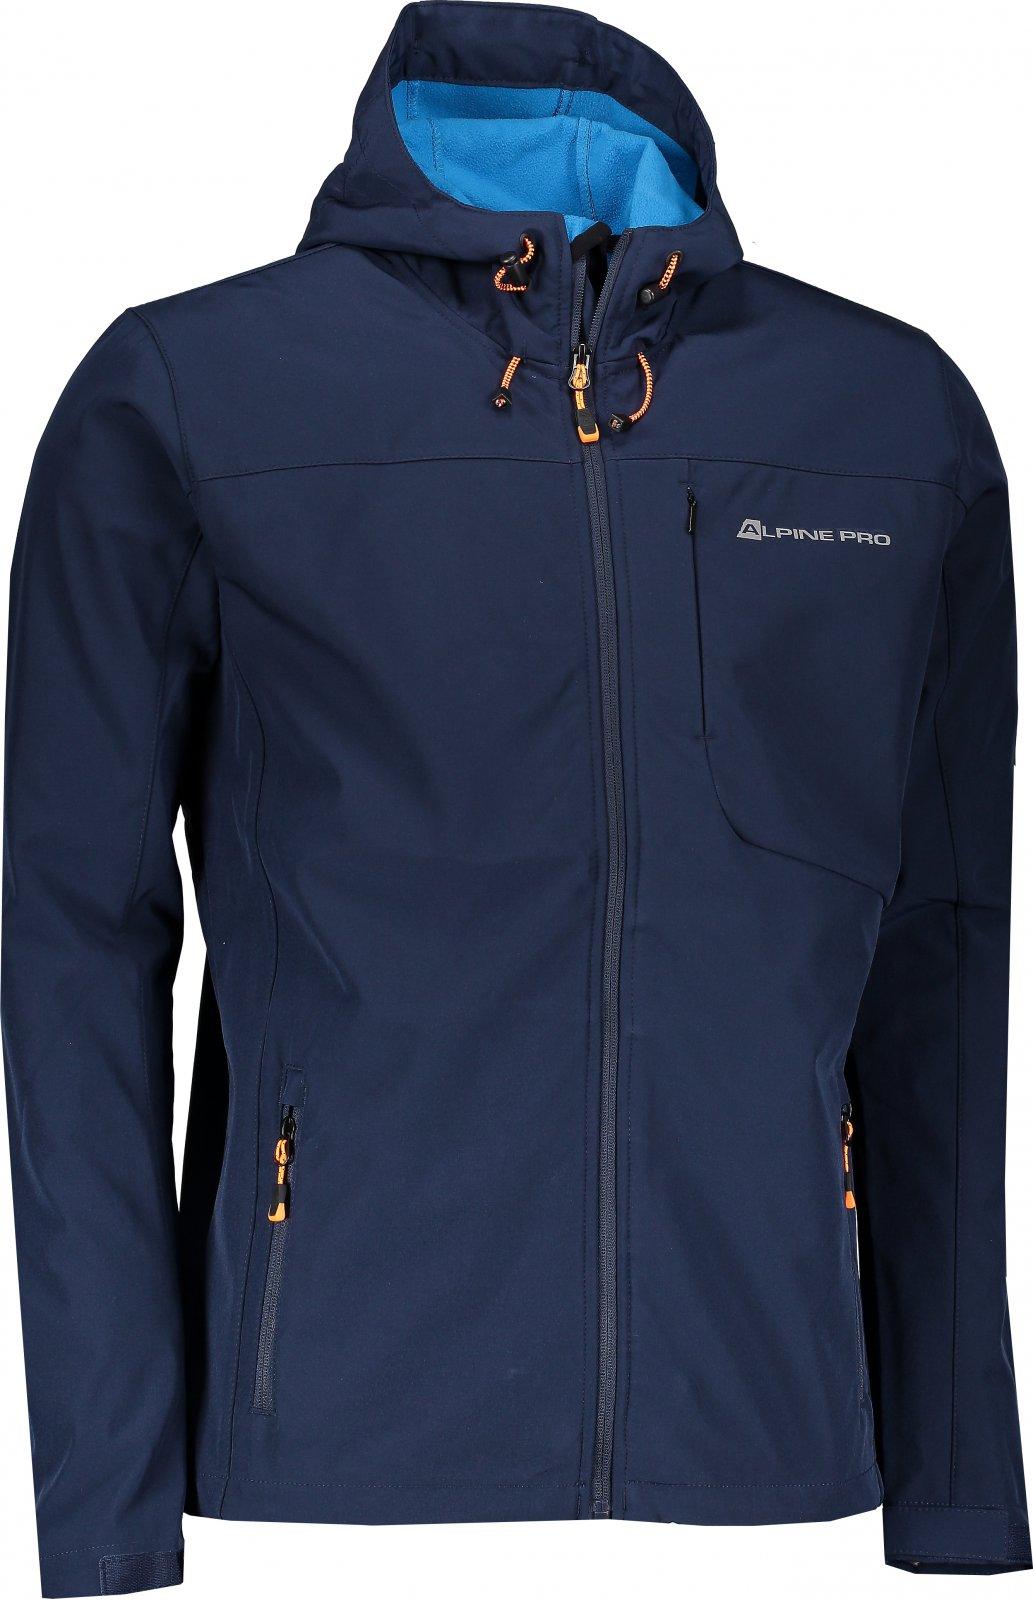 Alpine Pro Nootk 2 tmavě modrá od 1 499 Kč • Zboží.cz 8be384fb076